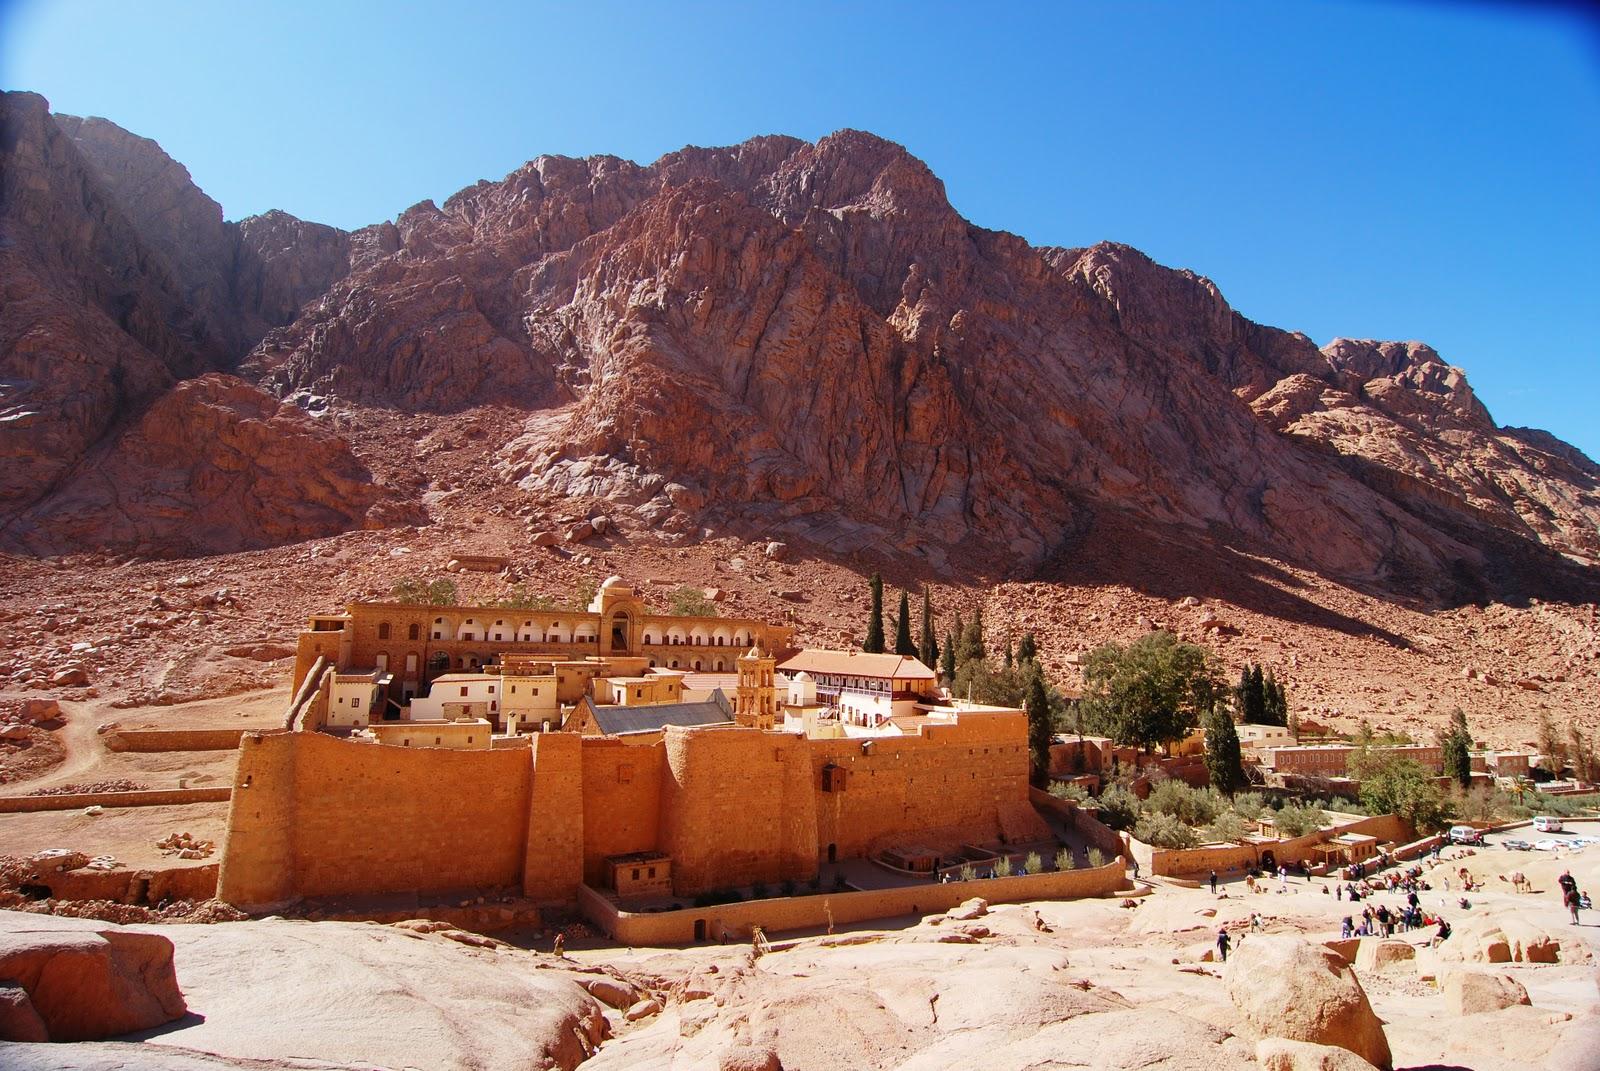 Mănăstirea Sfânta Ecaterina de la poalele Muntelui Sinai